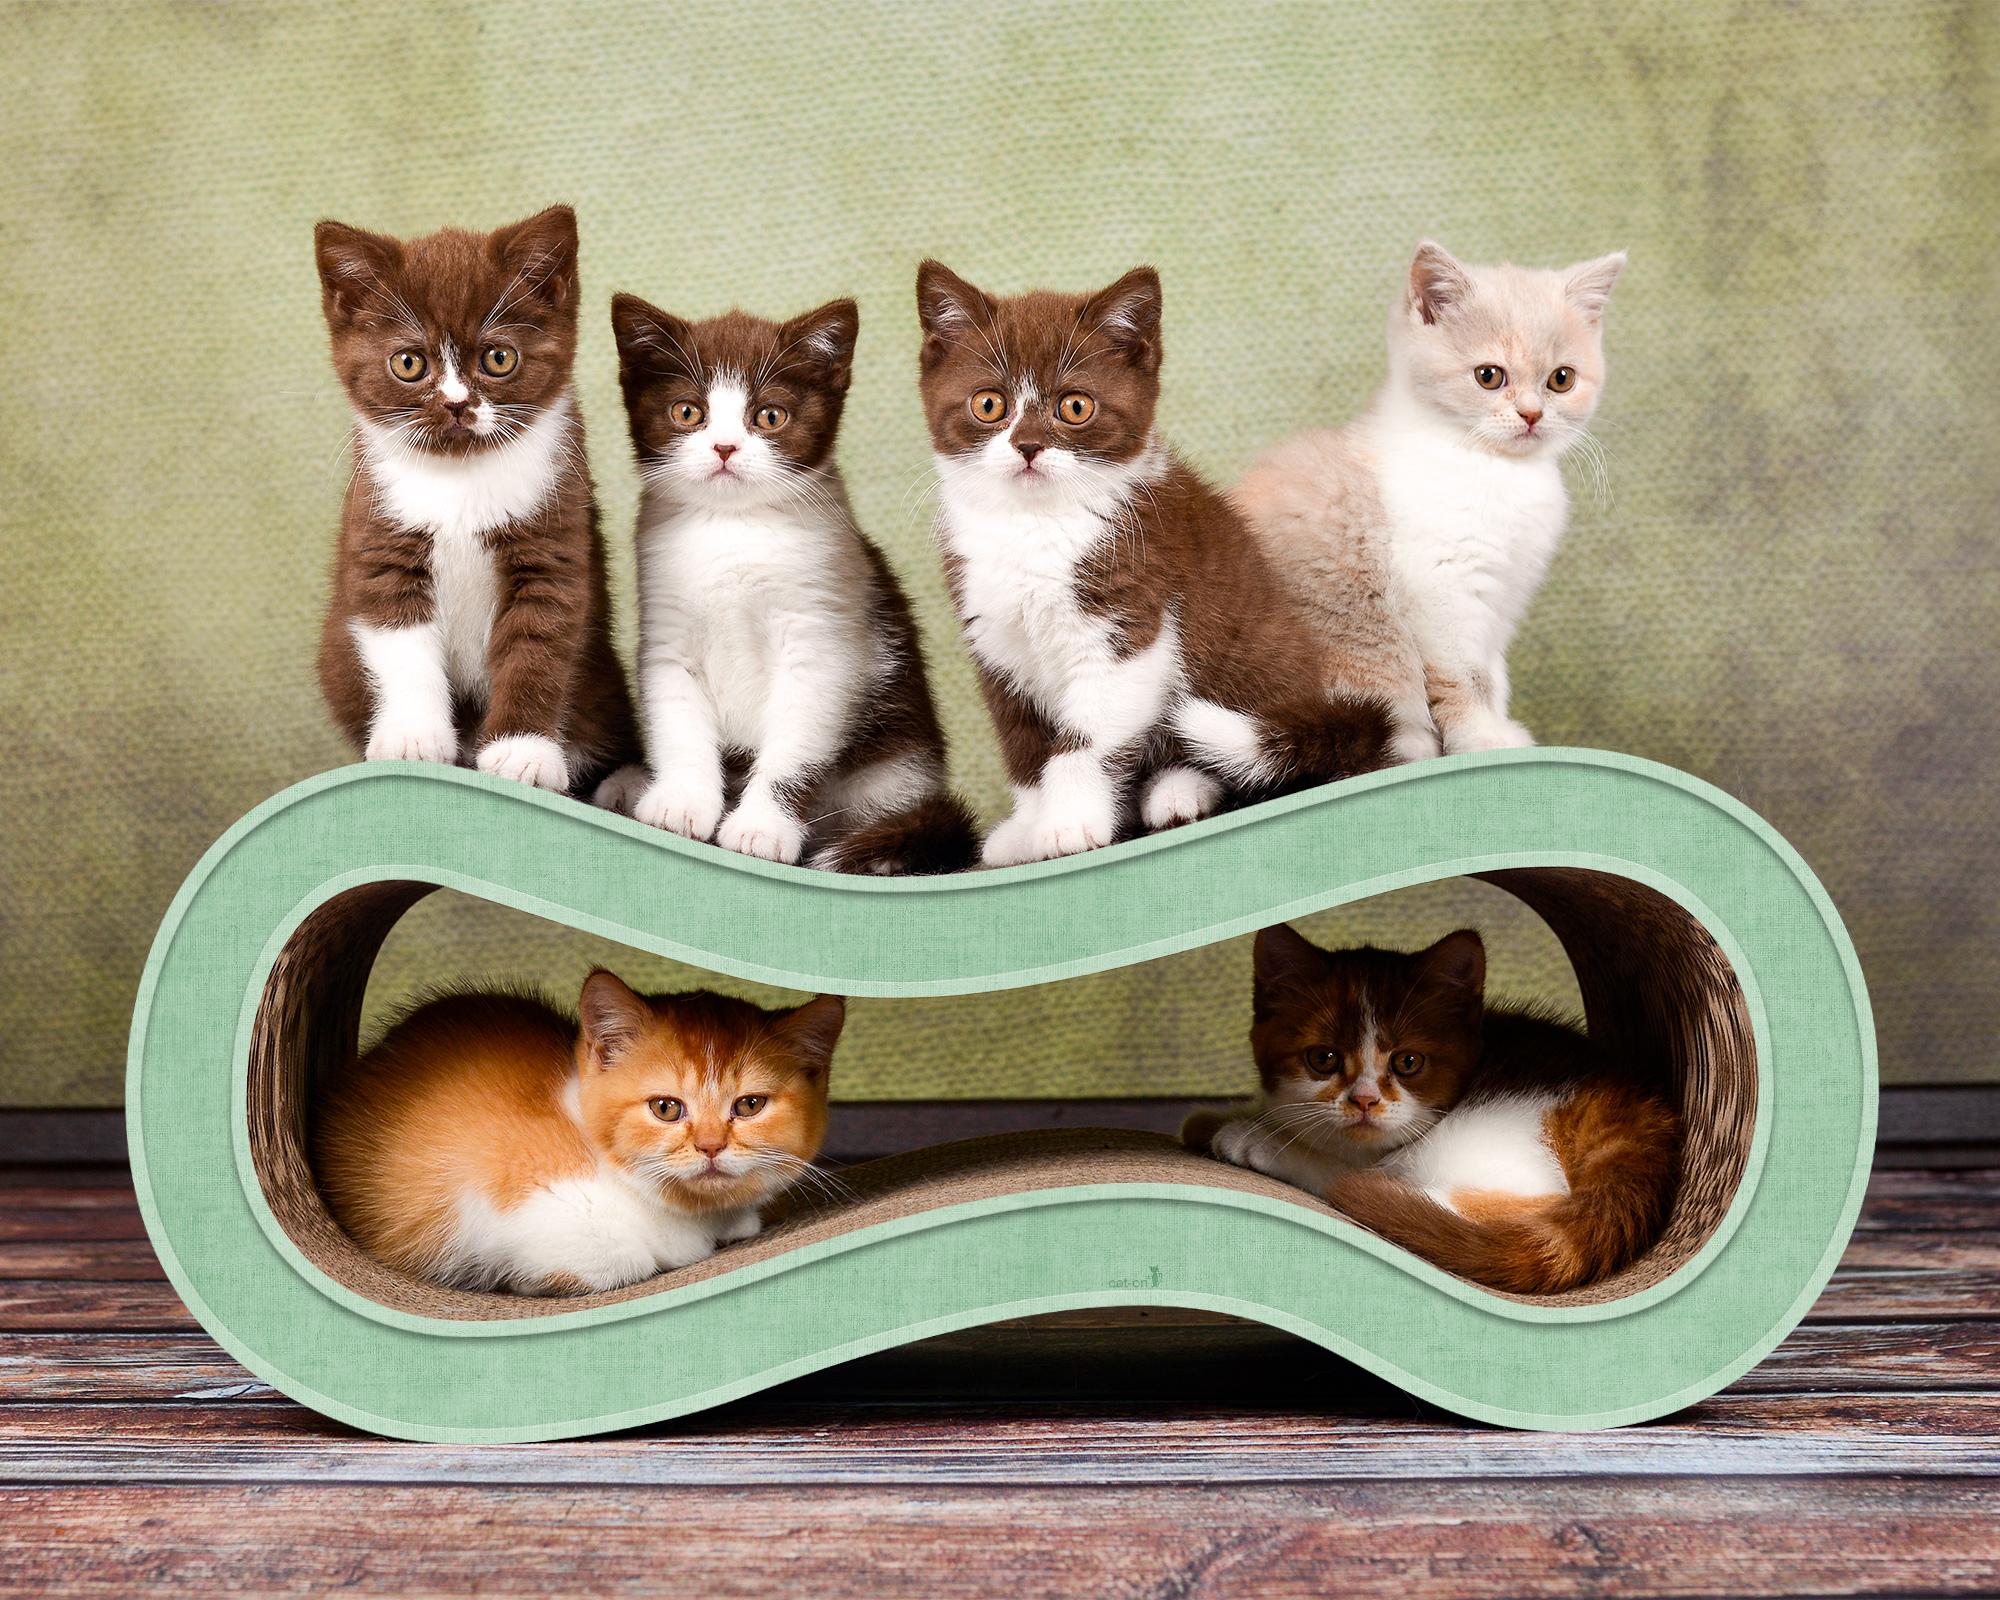 De luxe cat scratcher Singha M colored in light green